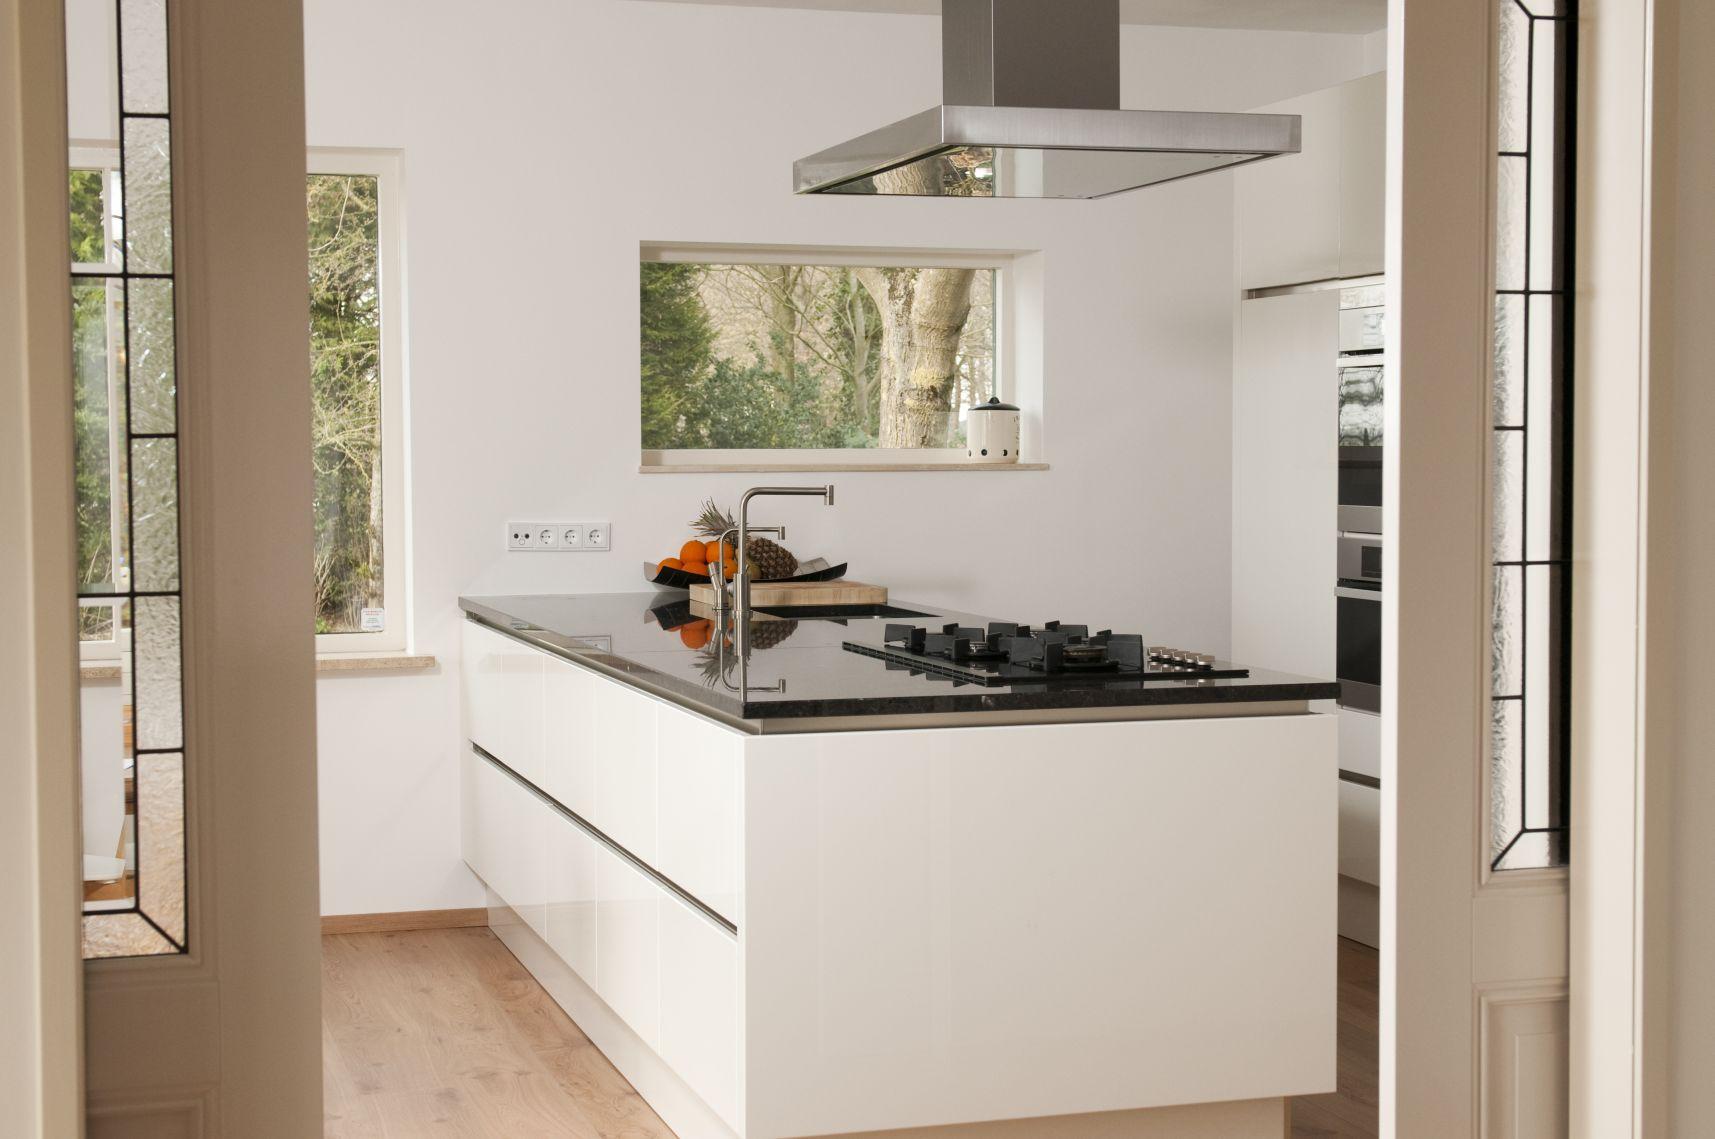 Keukeneiland Met Barkrukken: Keukeneiland ikea zelf maken keuken ...